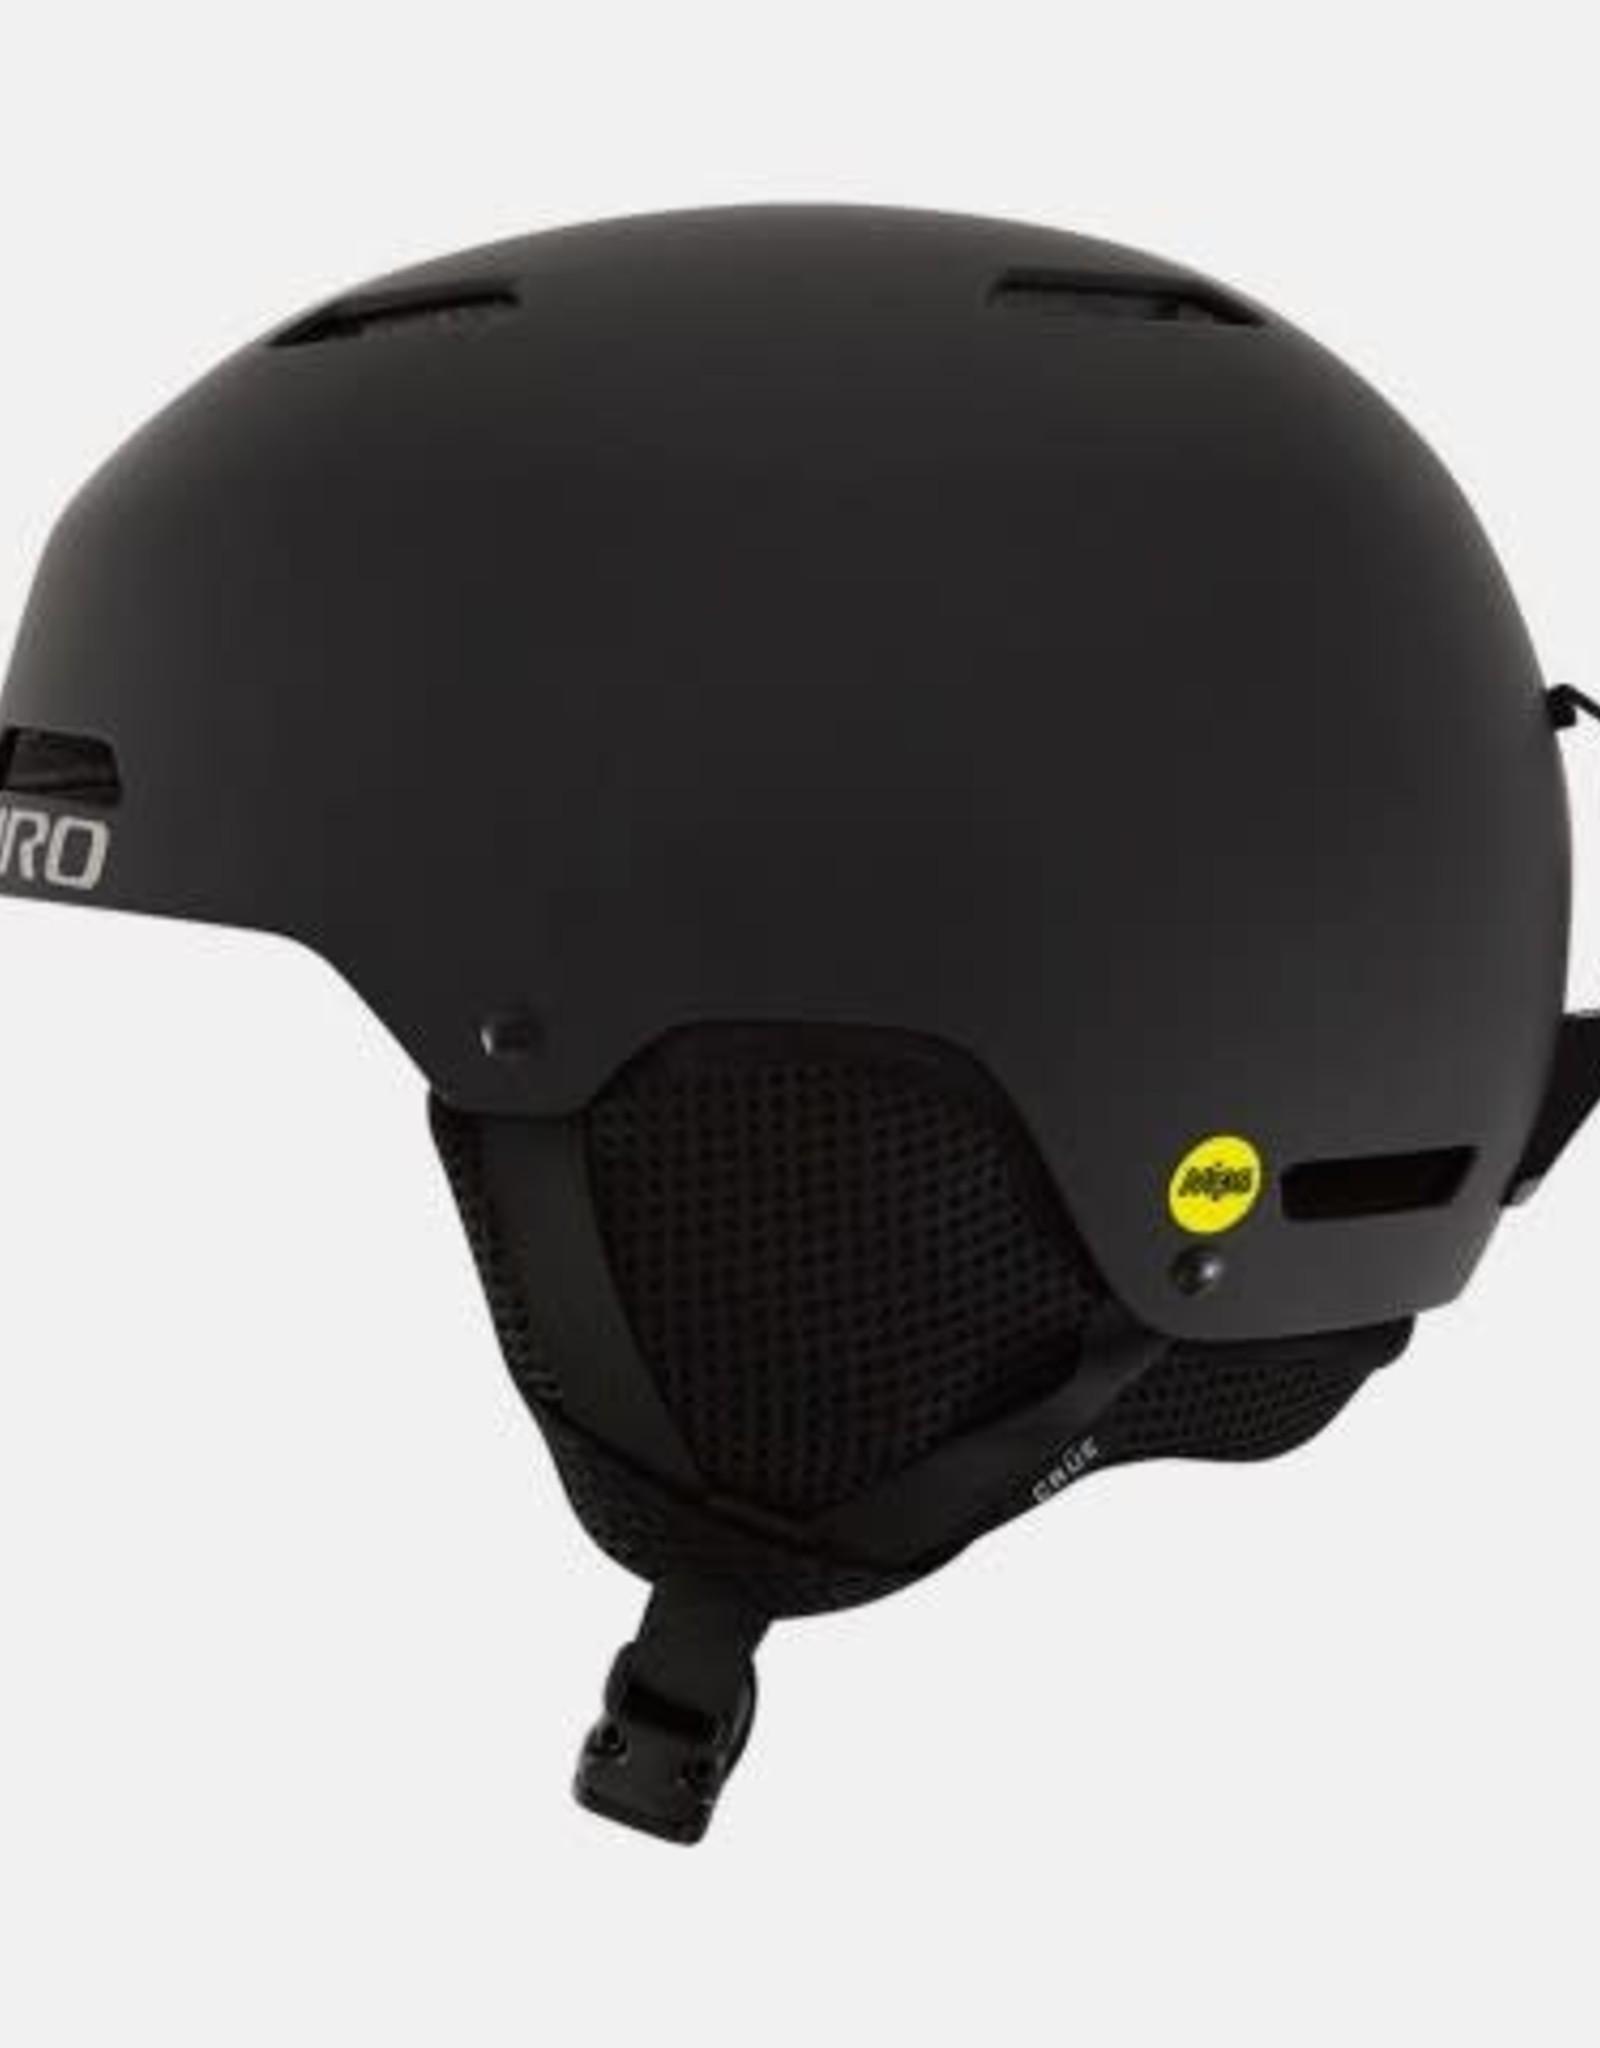 Giro - CRUE MIPS* Jr Helmet - Black -